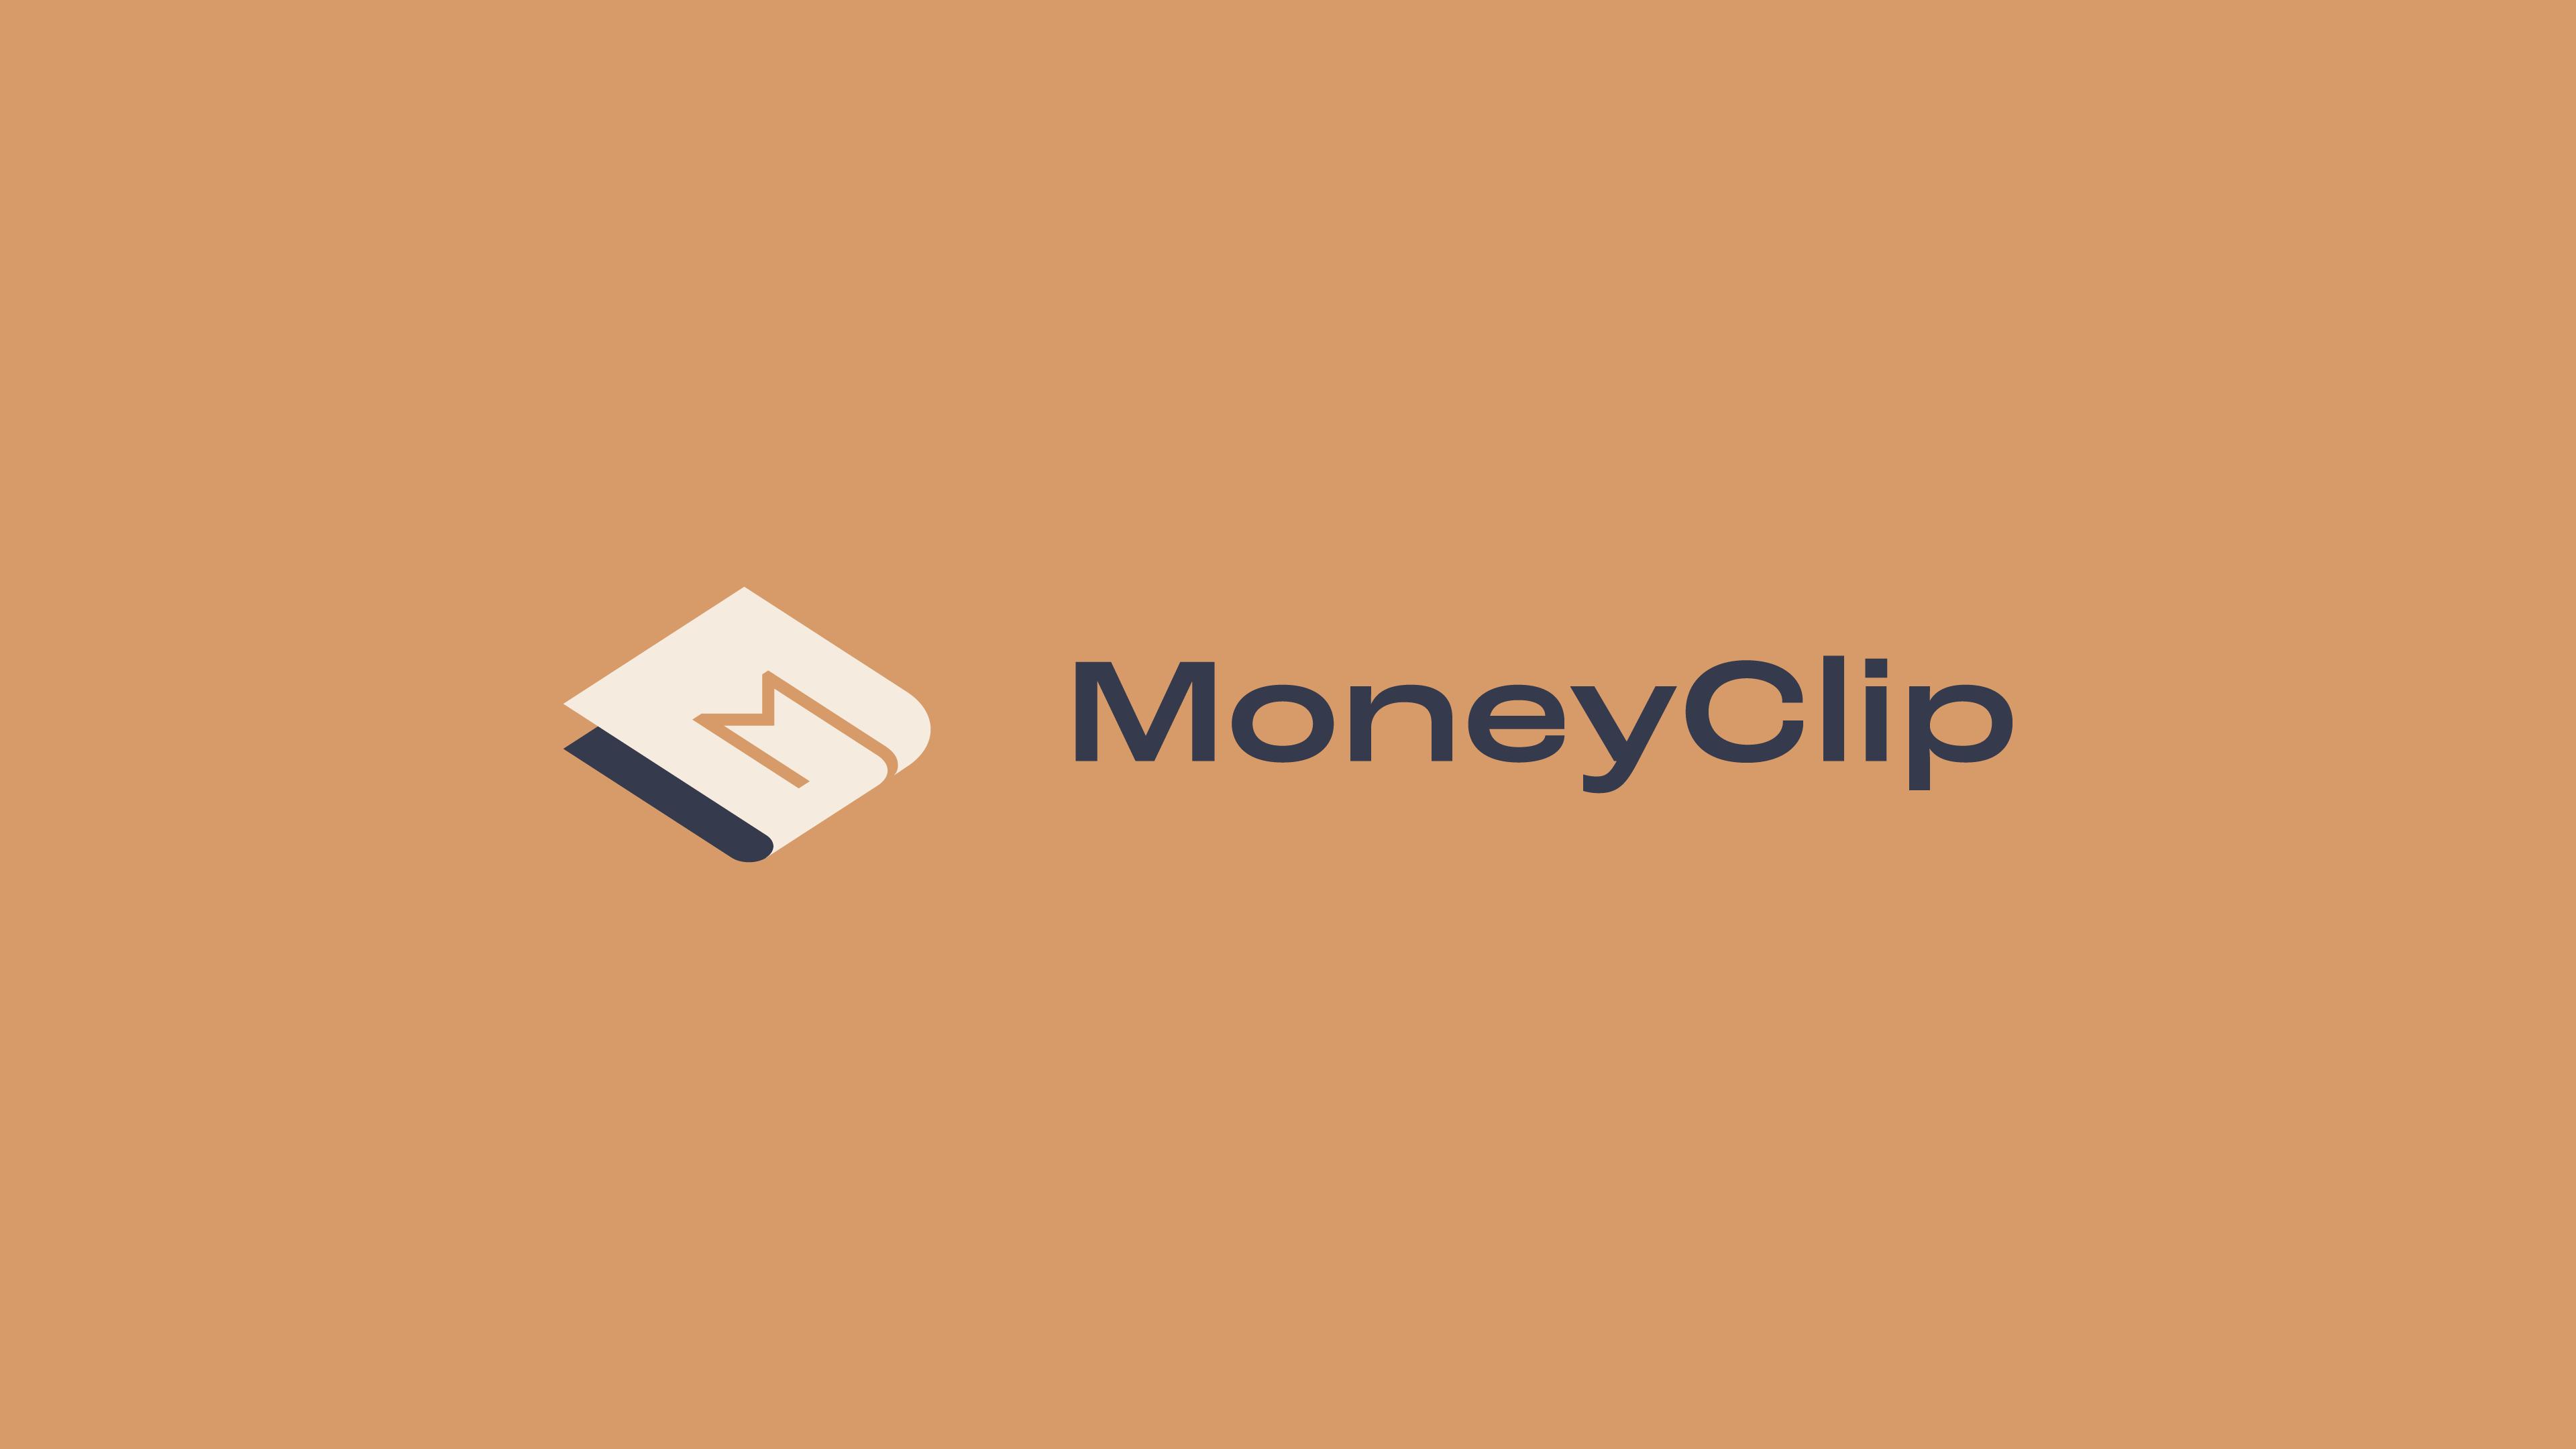 moneyclip-primary-logo-c